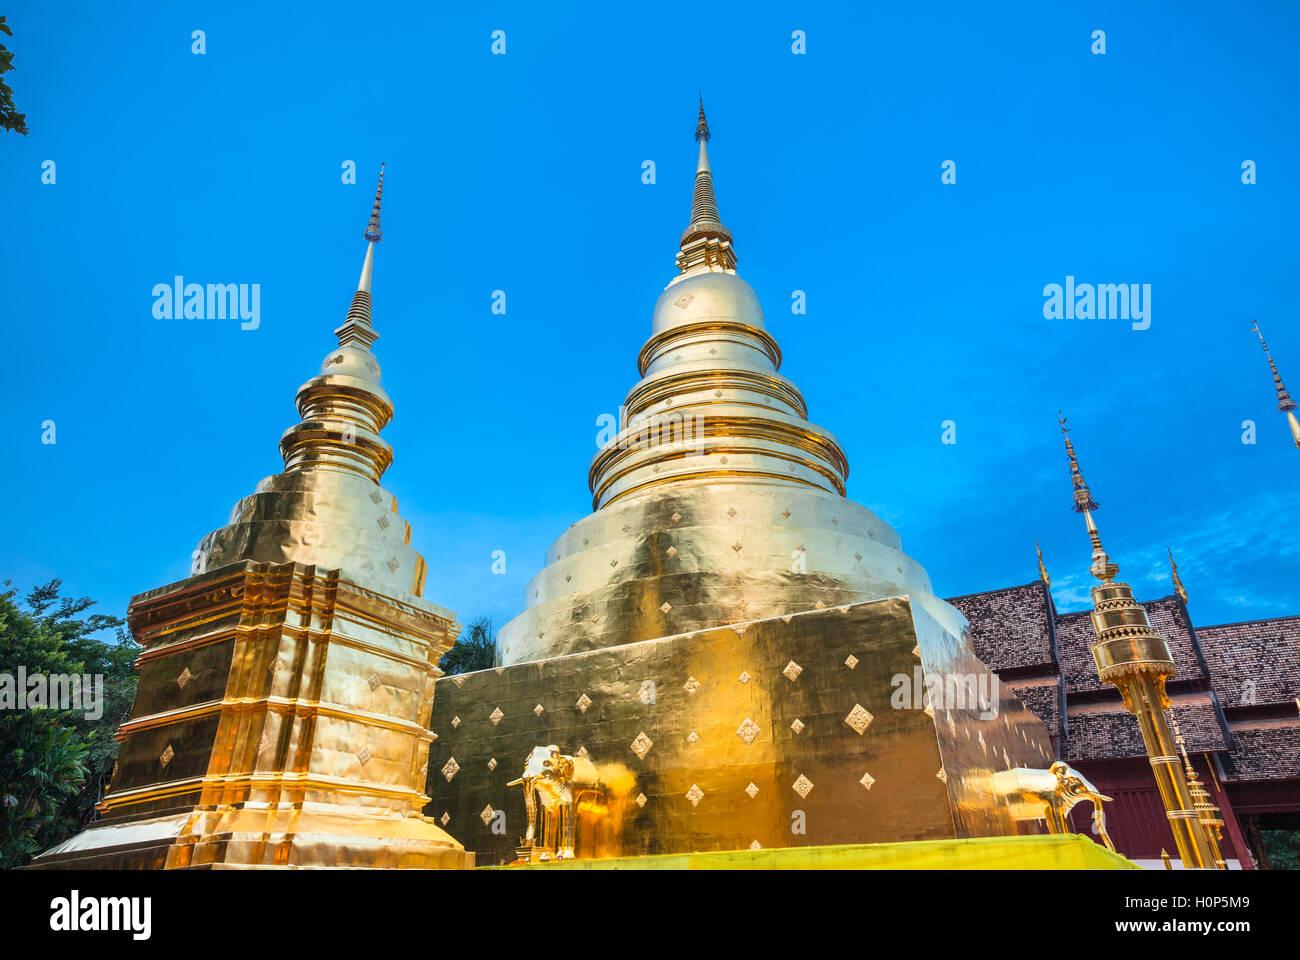 Ver el atardecer de la estupa dorada del templo Wat Phra Singh, el templo más venerado en Chiang Mai, Tailandia. Foto de stock